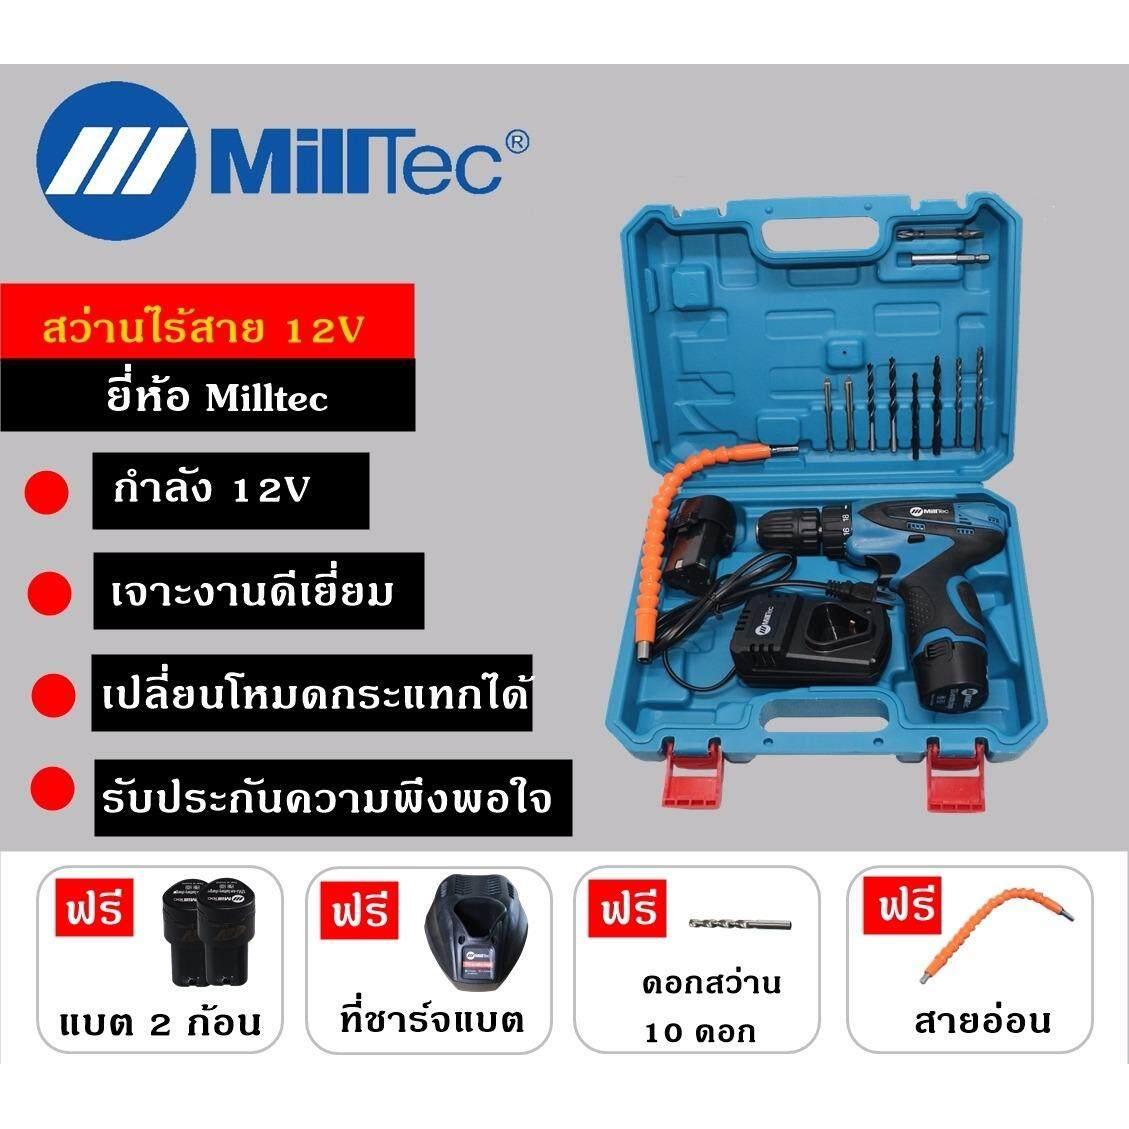 โปรโมชั่น Milltec สว่านแบต สว่านไร้สาย 12V สีฟ้า Milltec